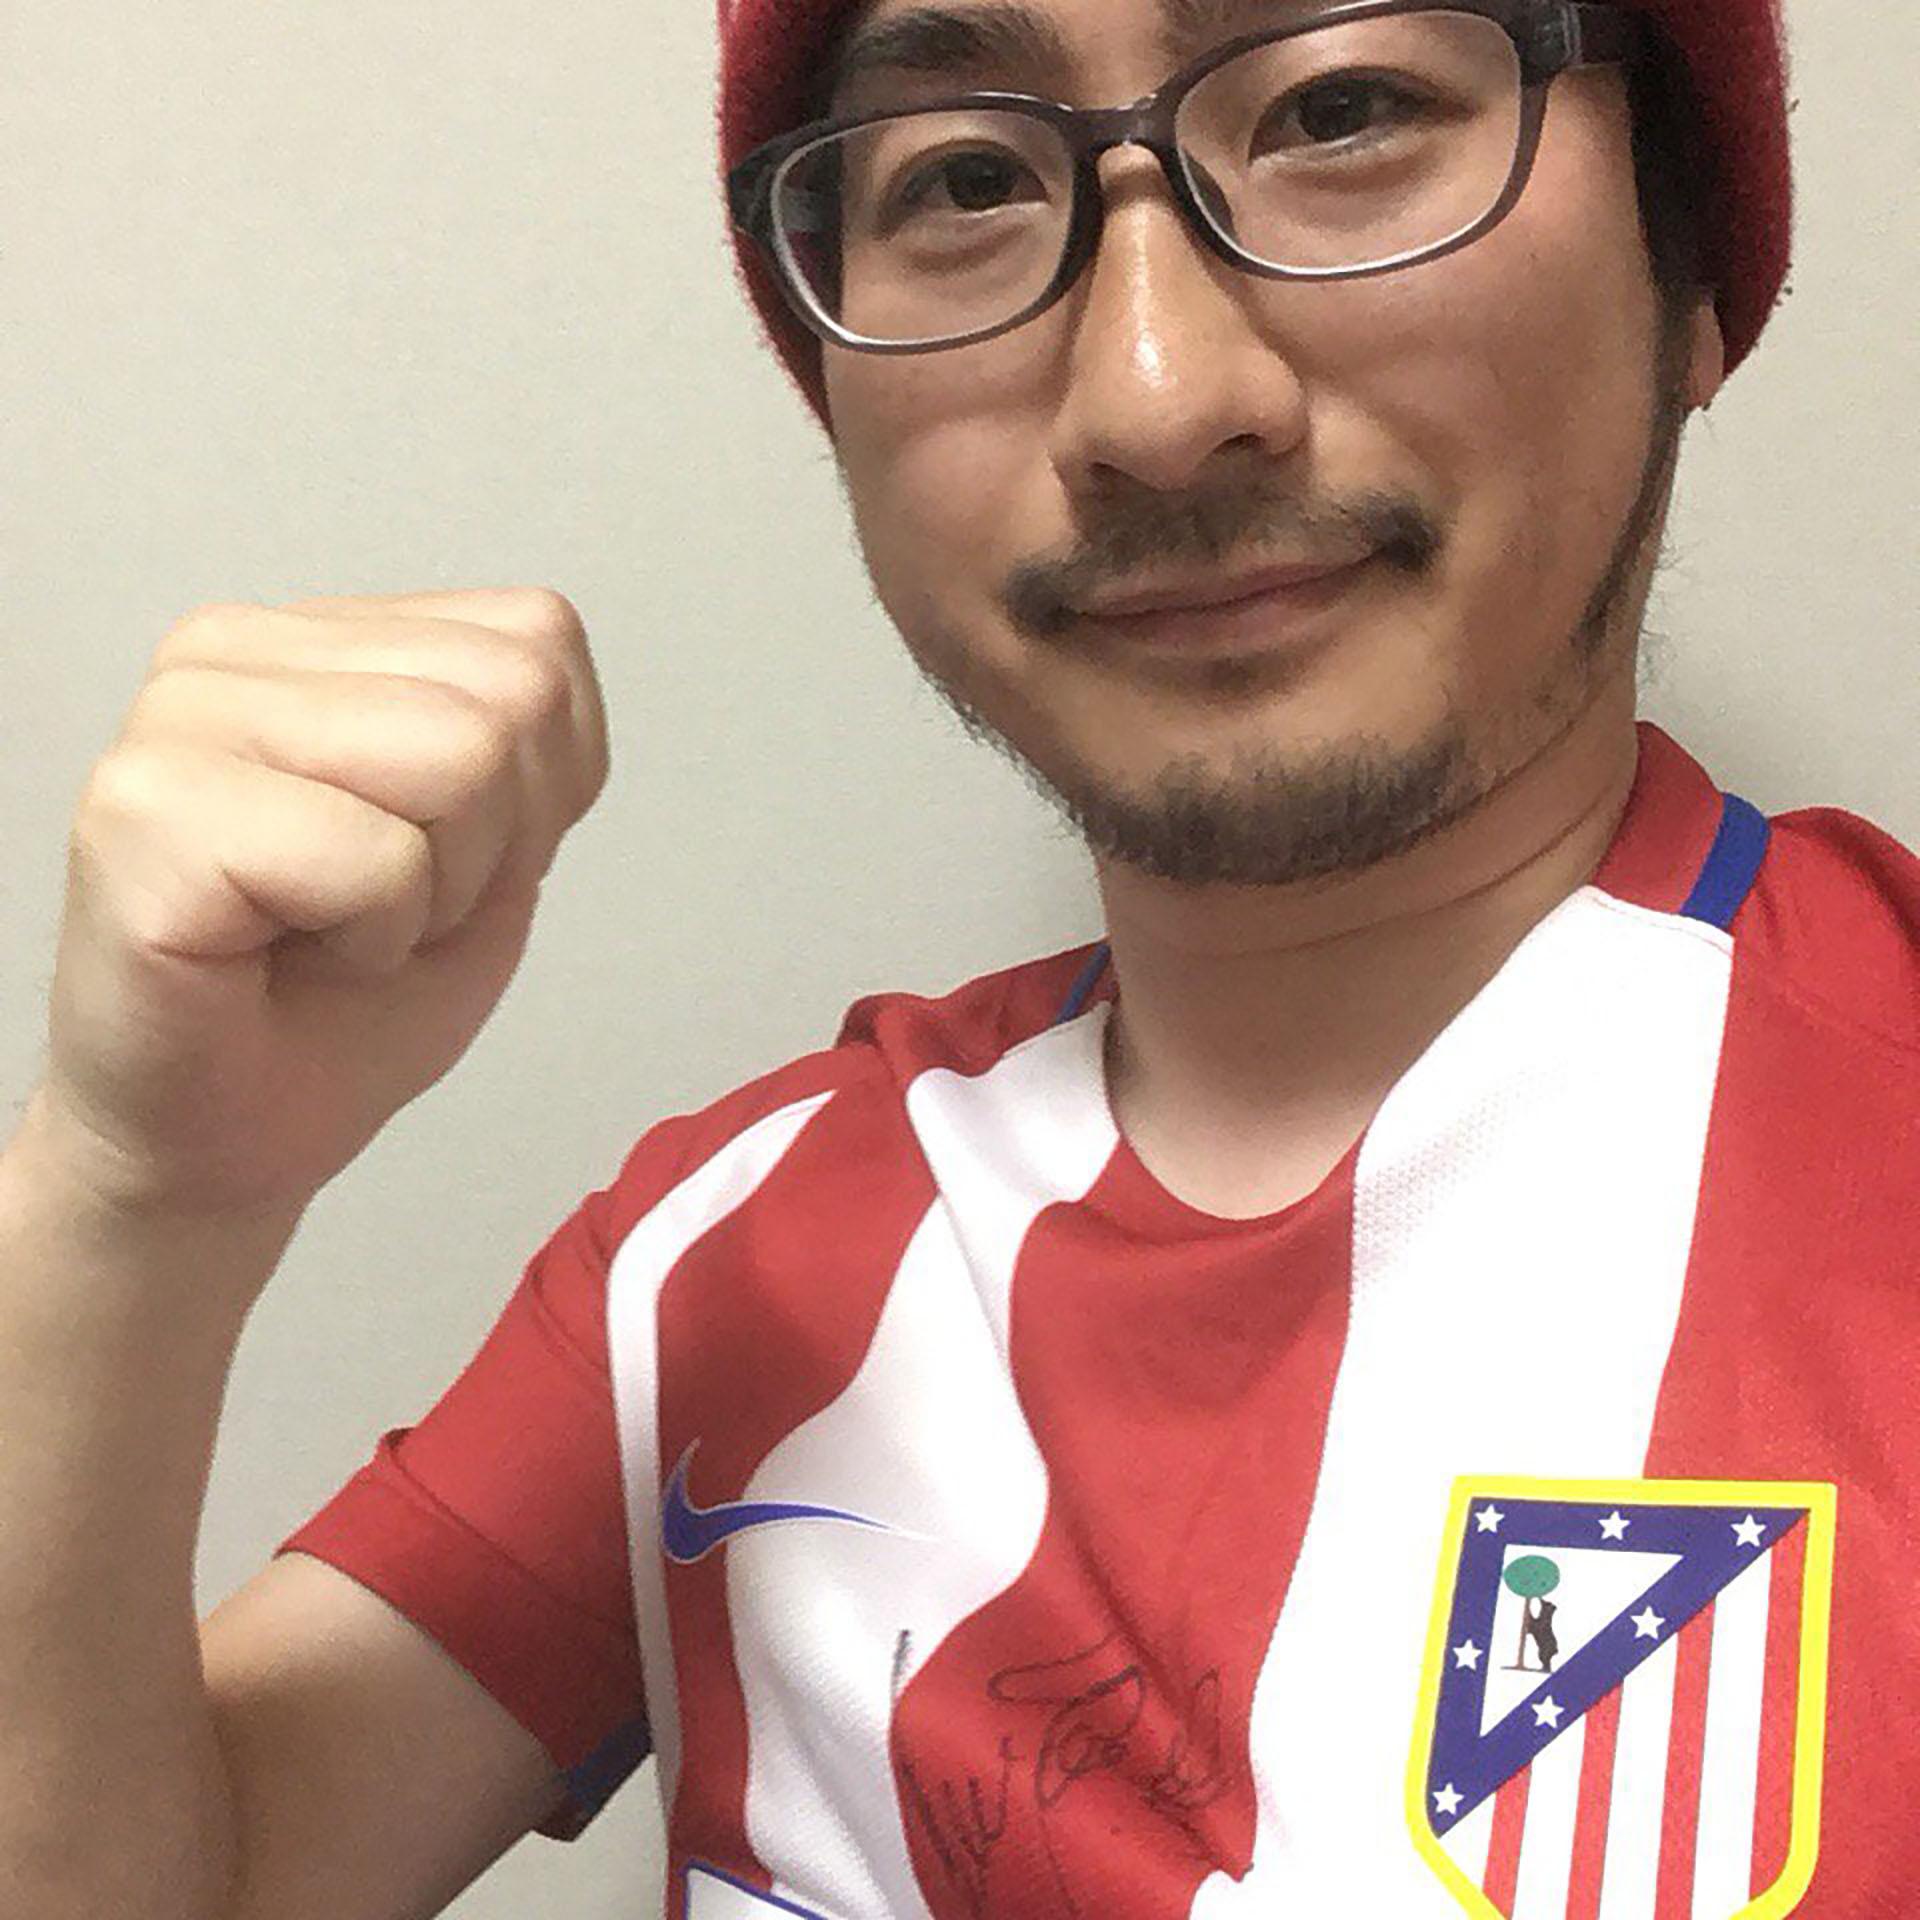 Tasuku es fanático del Atlético Madrid